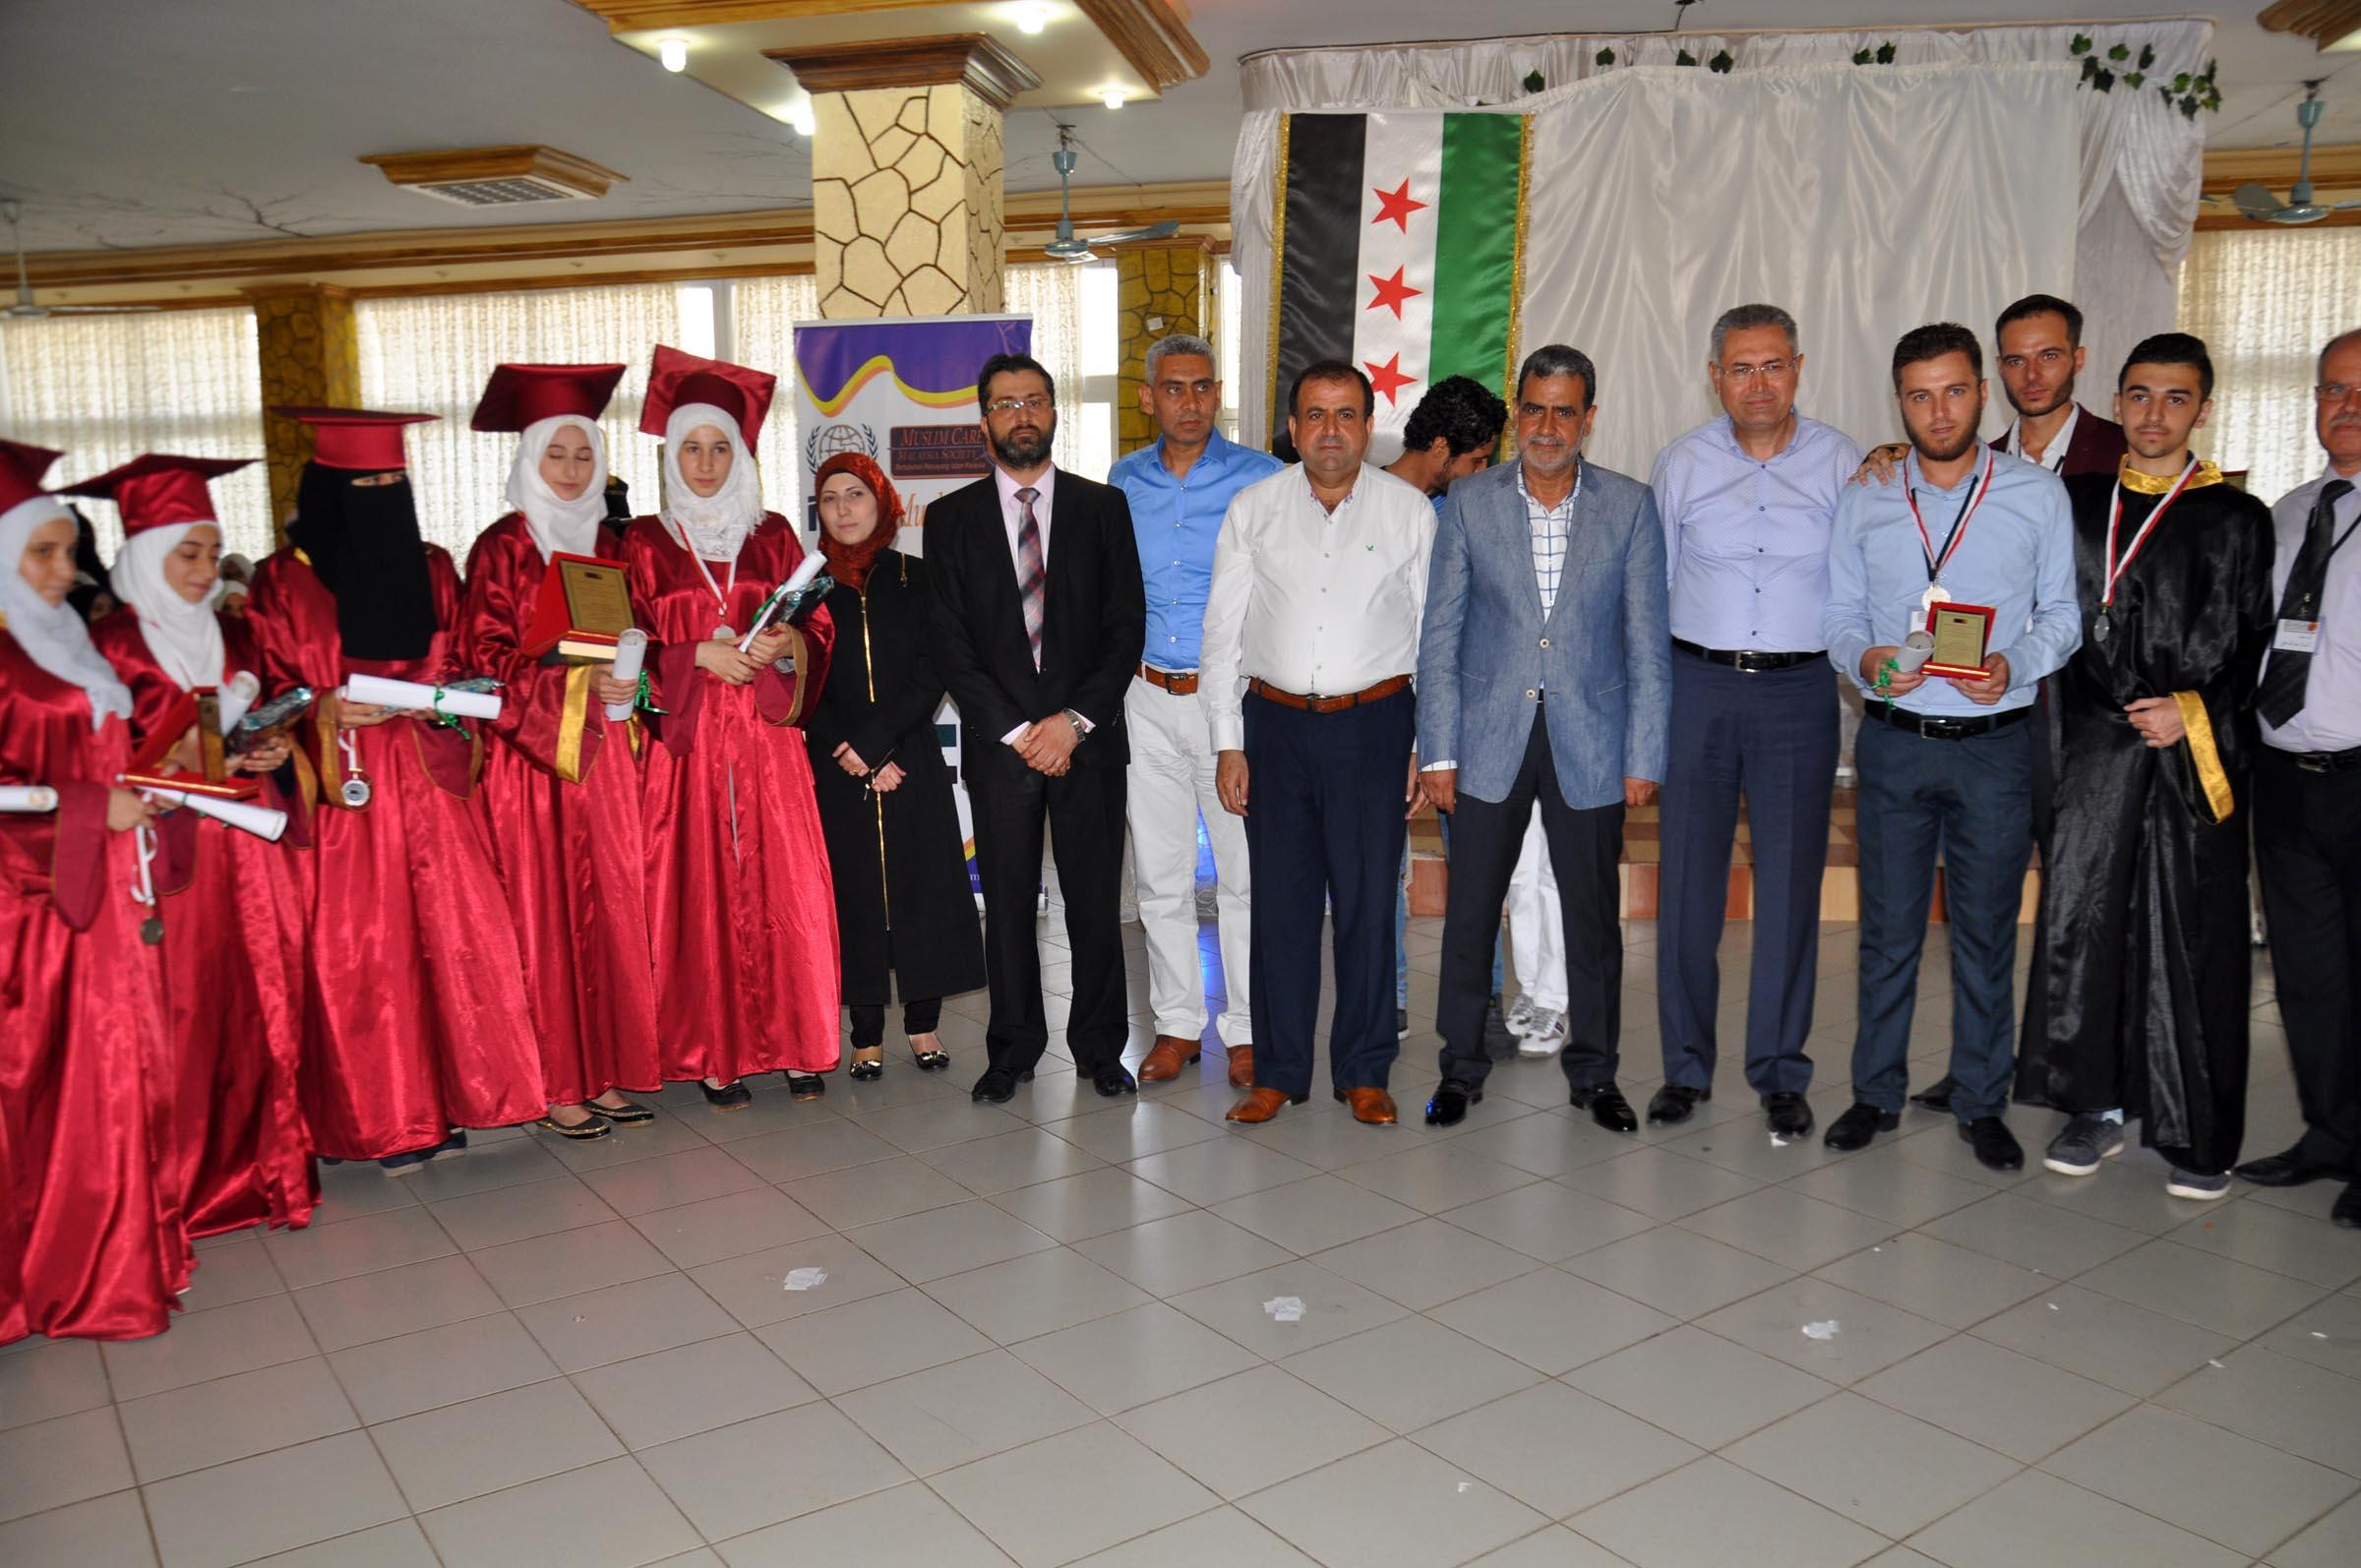 Suriyeli Öğrencilere Mezuniyet Töreni Düzenlendi